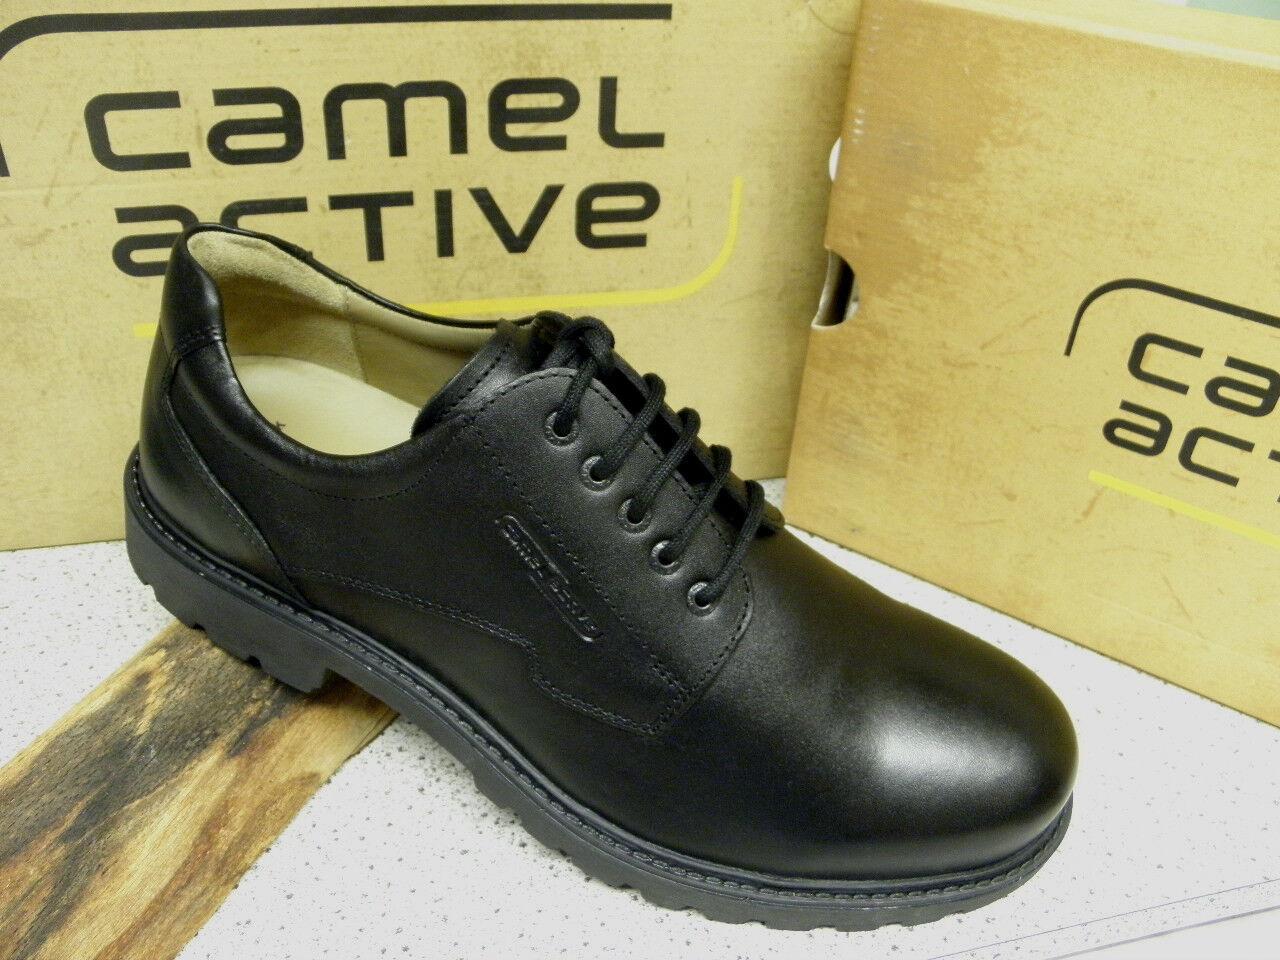 Camel Active Lederfutter ® SALE Outback schwarz Lederfutter Active 400.11.01 (C24) Gr. 45 397110